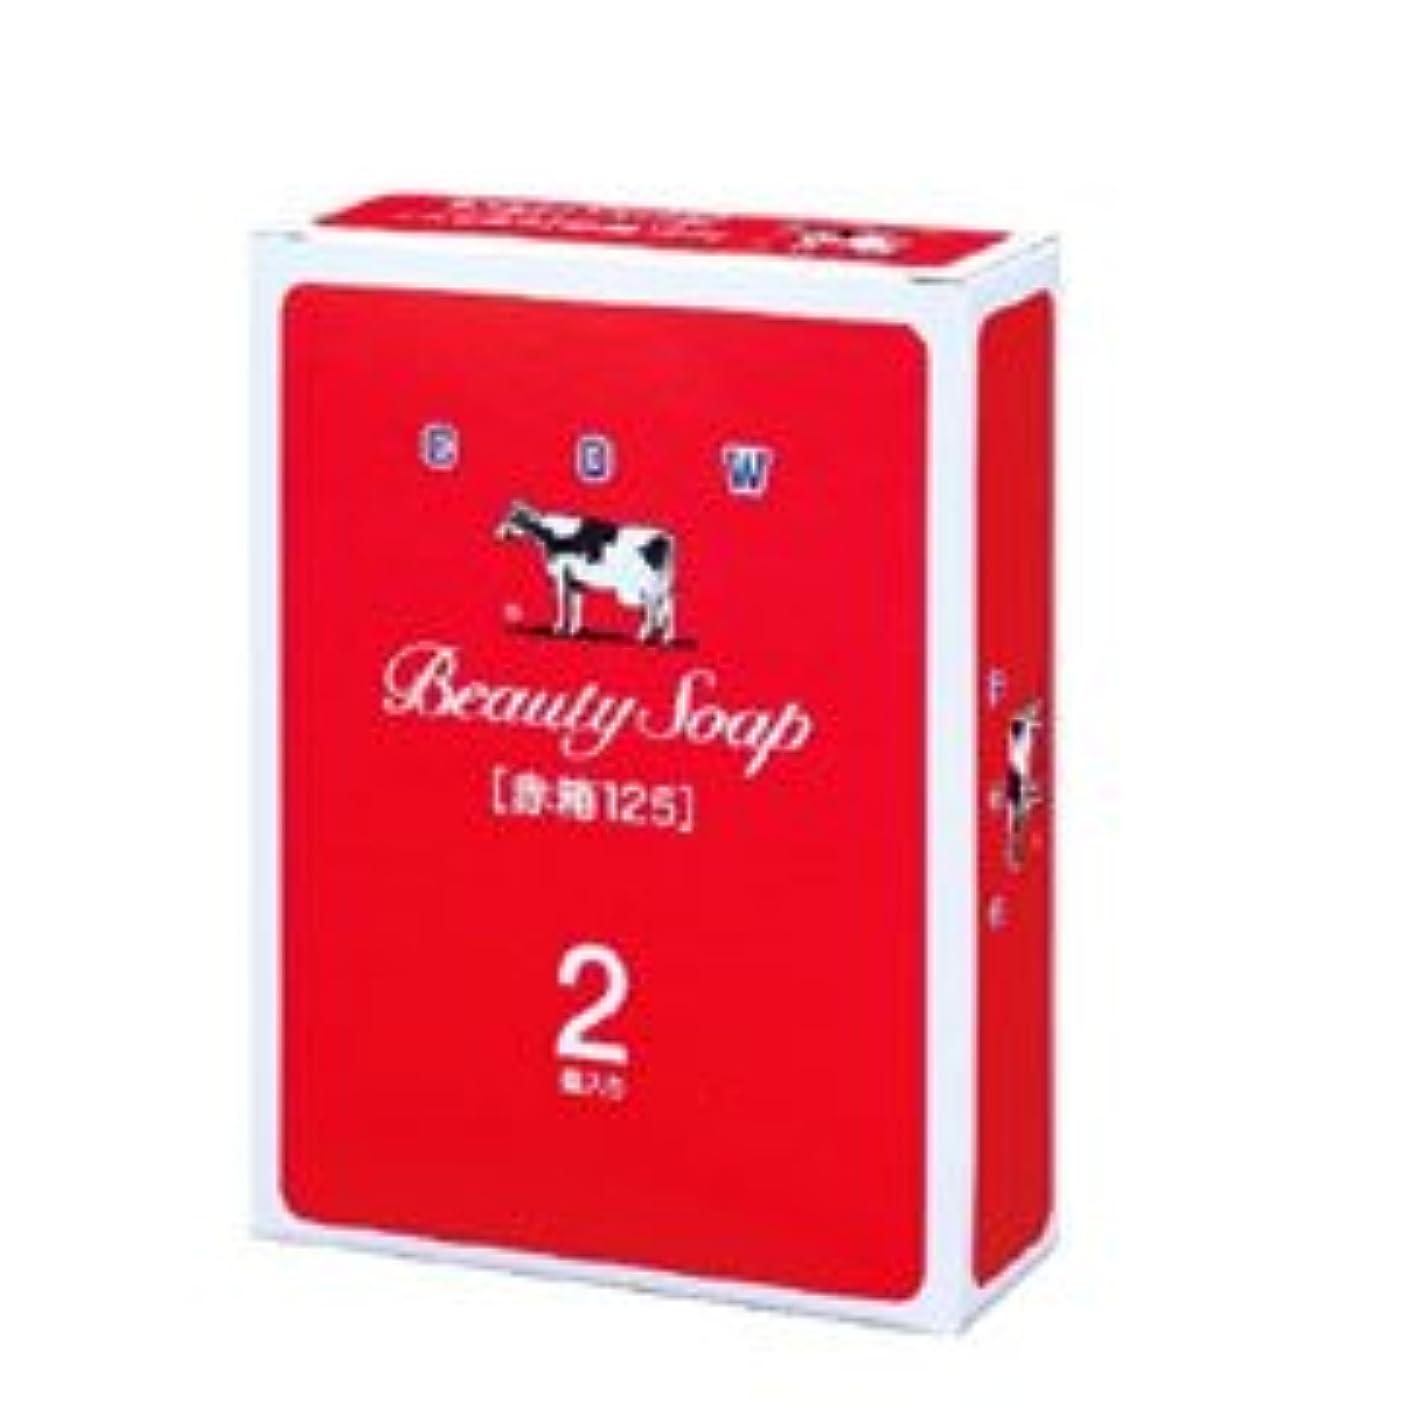 メタルラインプラカード印をつける【牛乳石鹸】カウブランド 赤箱 125 2個入り